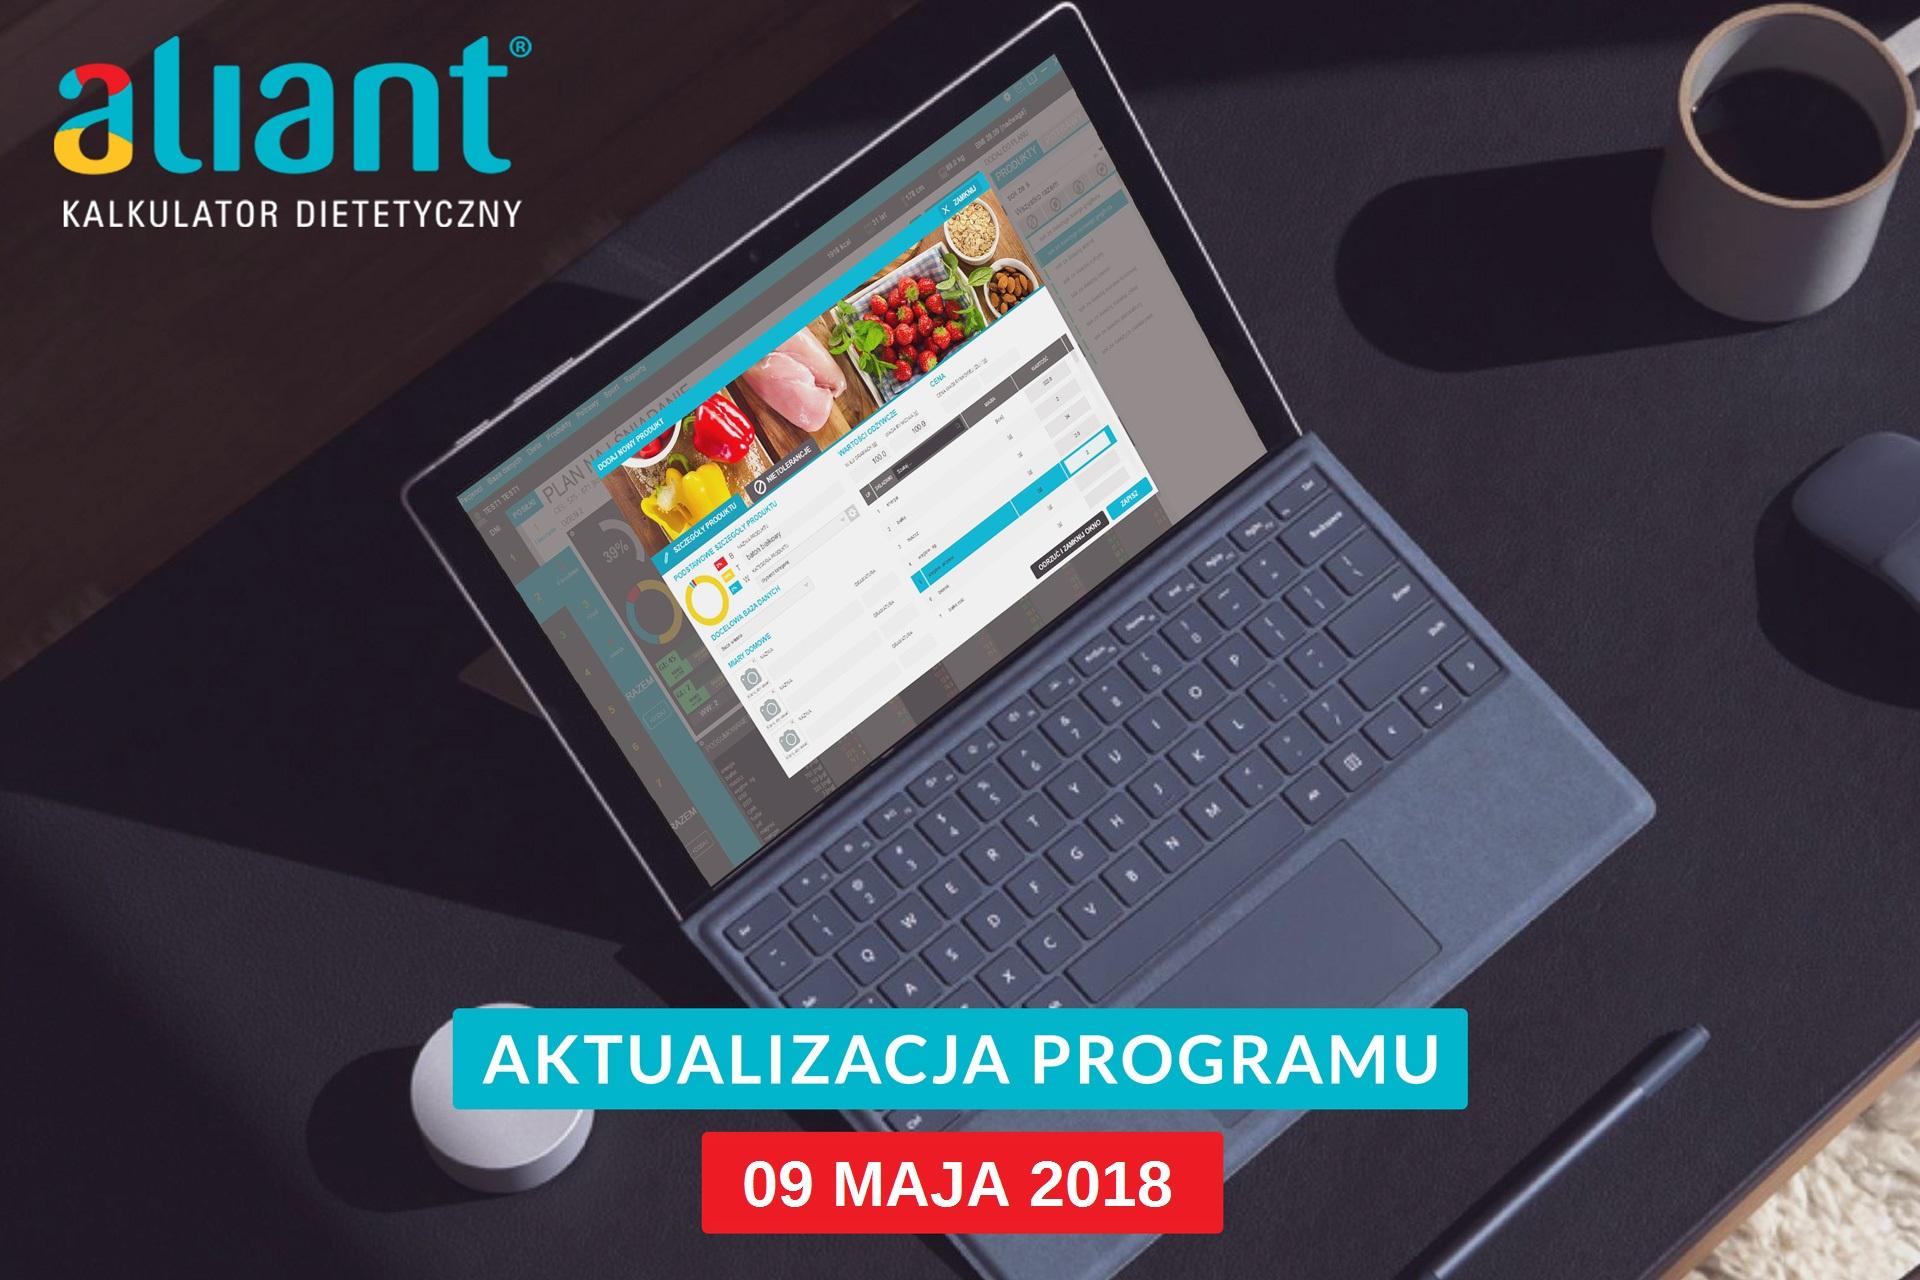 Aktualizacja programu Aliant 09.05.2018